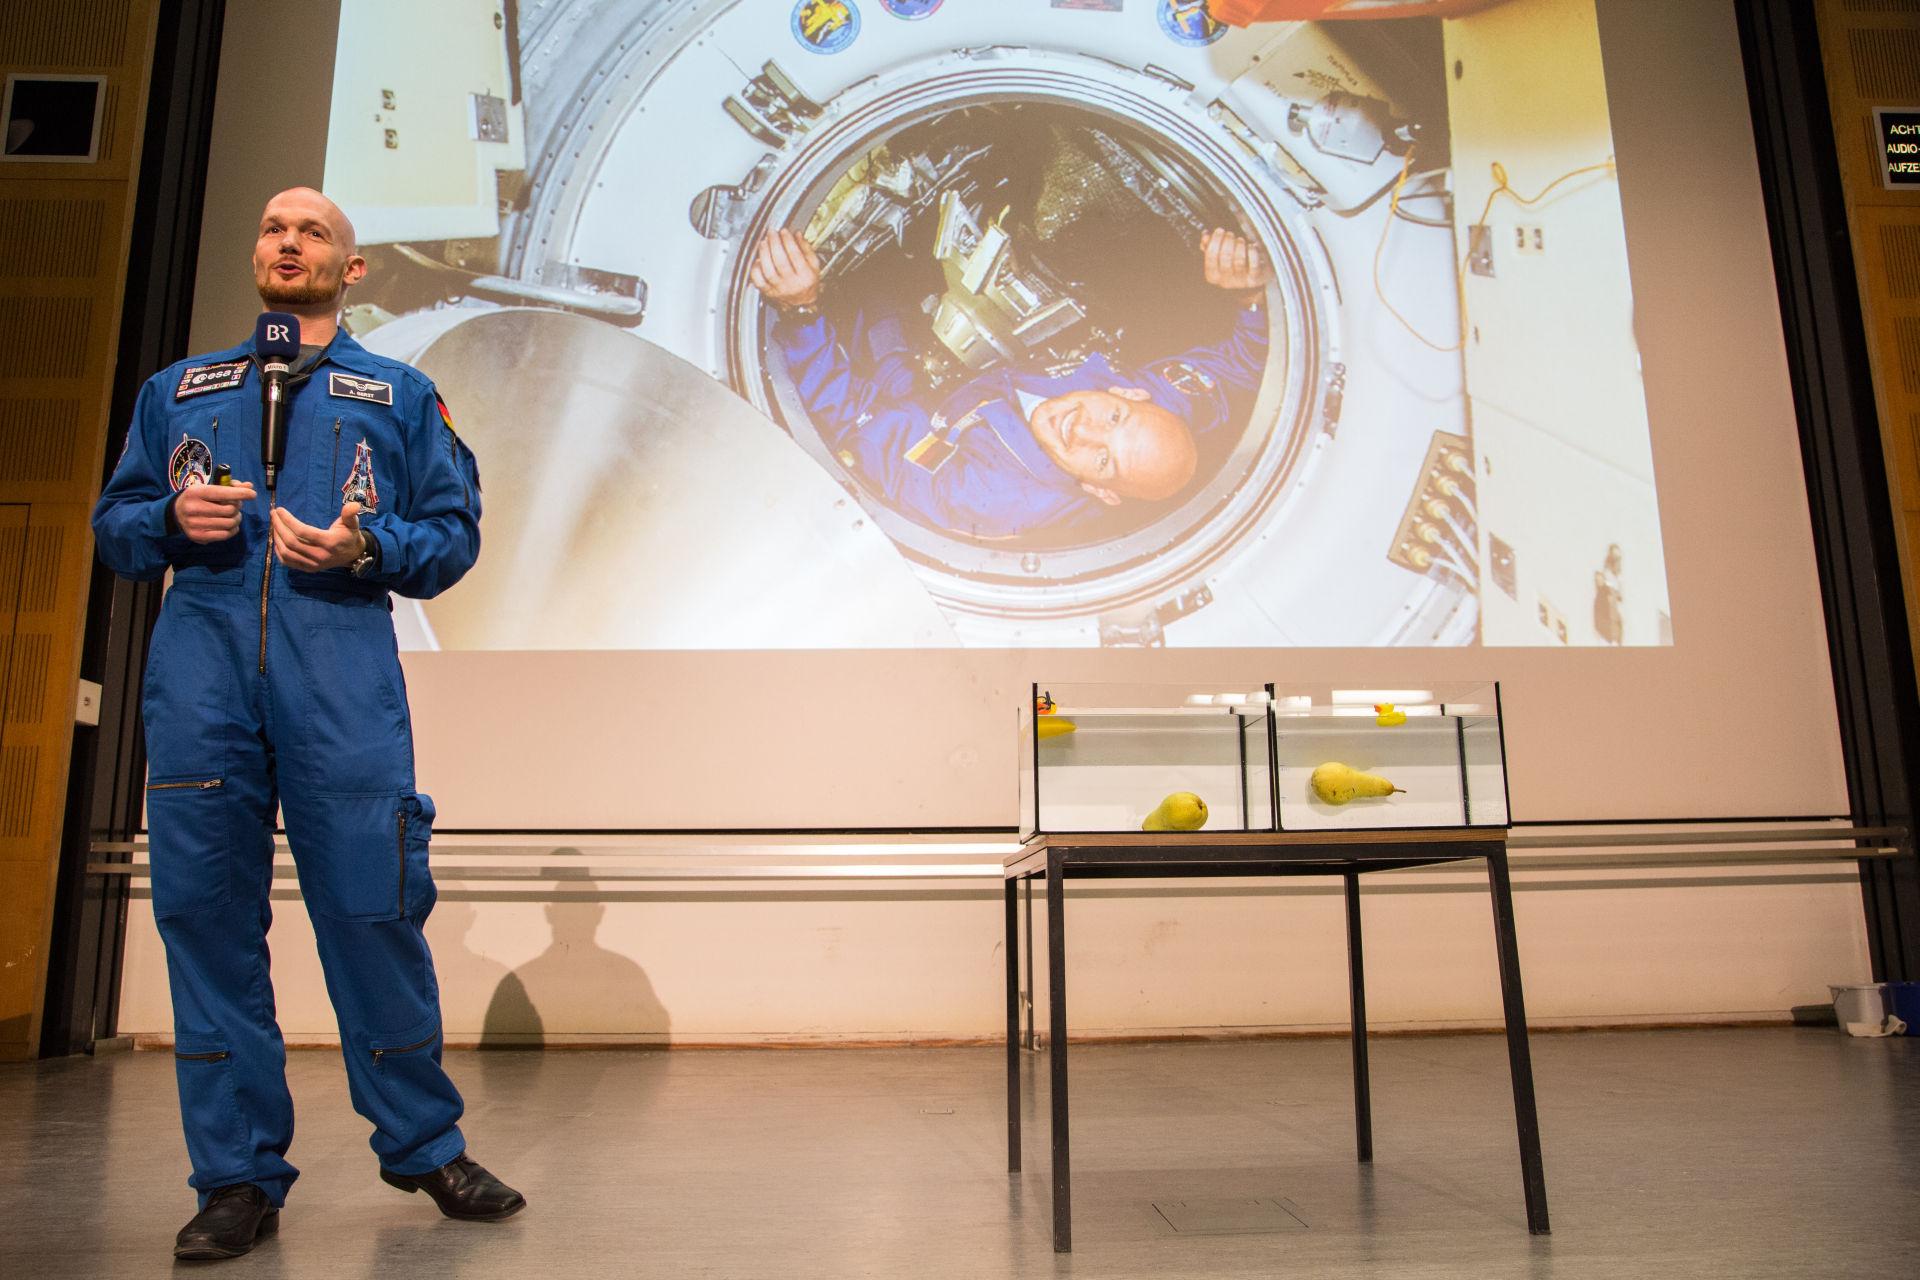 Uzayda görev yaptığım 6 ay boyunca yaşadıklarım Evrende yalnız olmadığımızı gösteriyor.